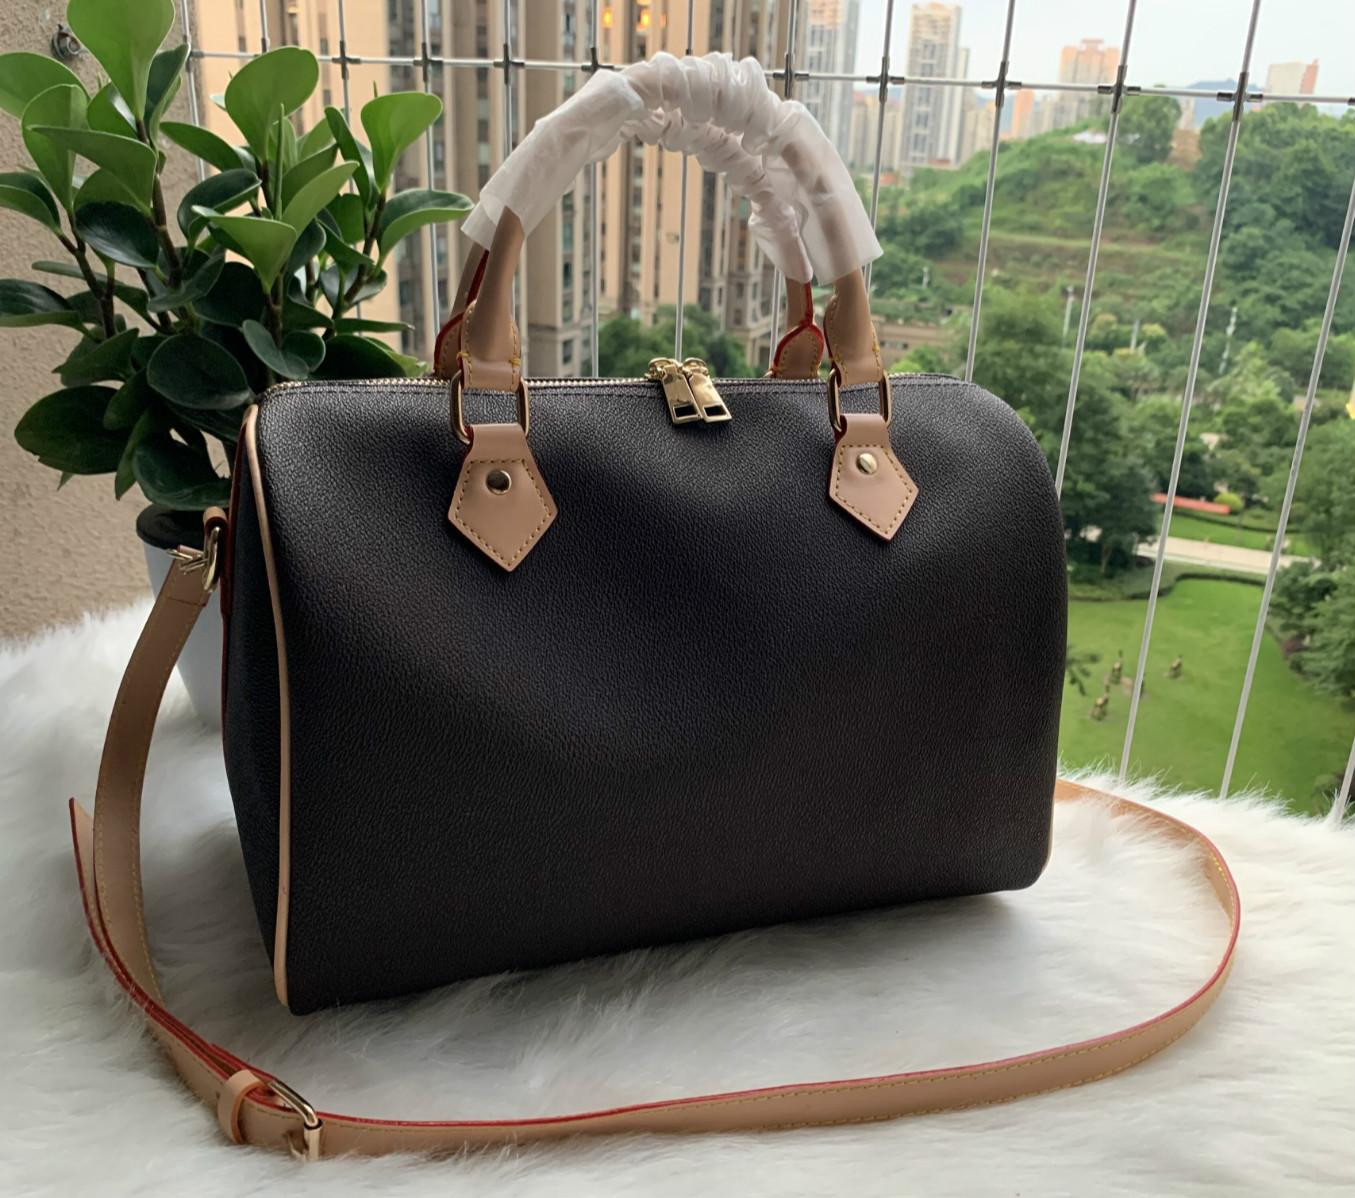 Hot Designer Verkaufs-Weinlese-Handtaschen Frauen Handtaschen Geldbörsen für Frauen Leder-Kette Tasche Umhängetasche und Schultertaschen